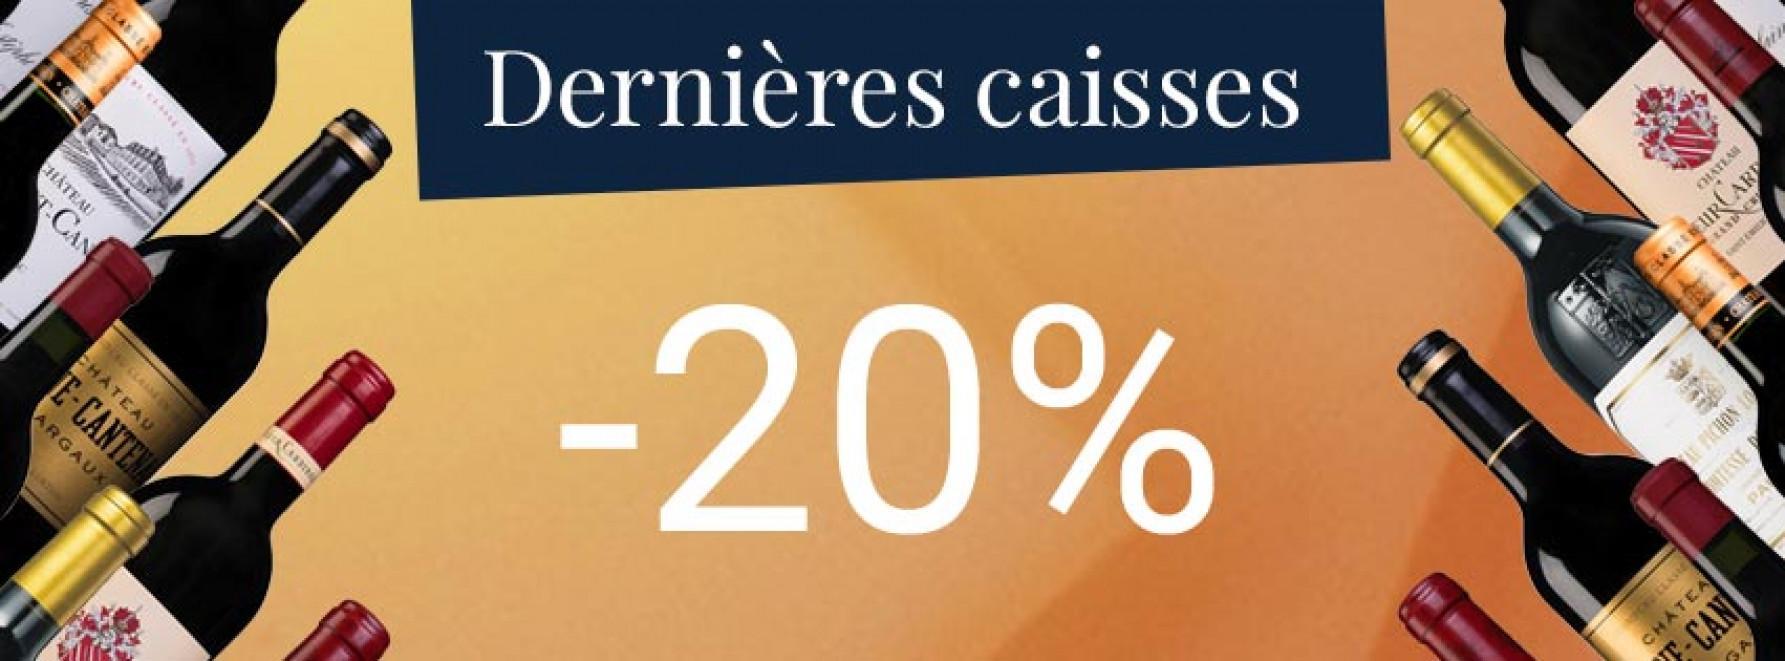 Dernières caisses à -20%